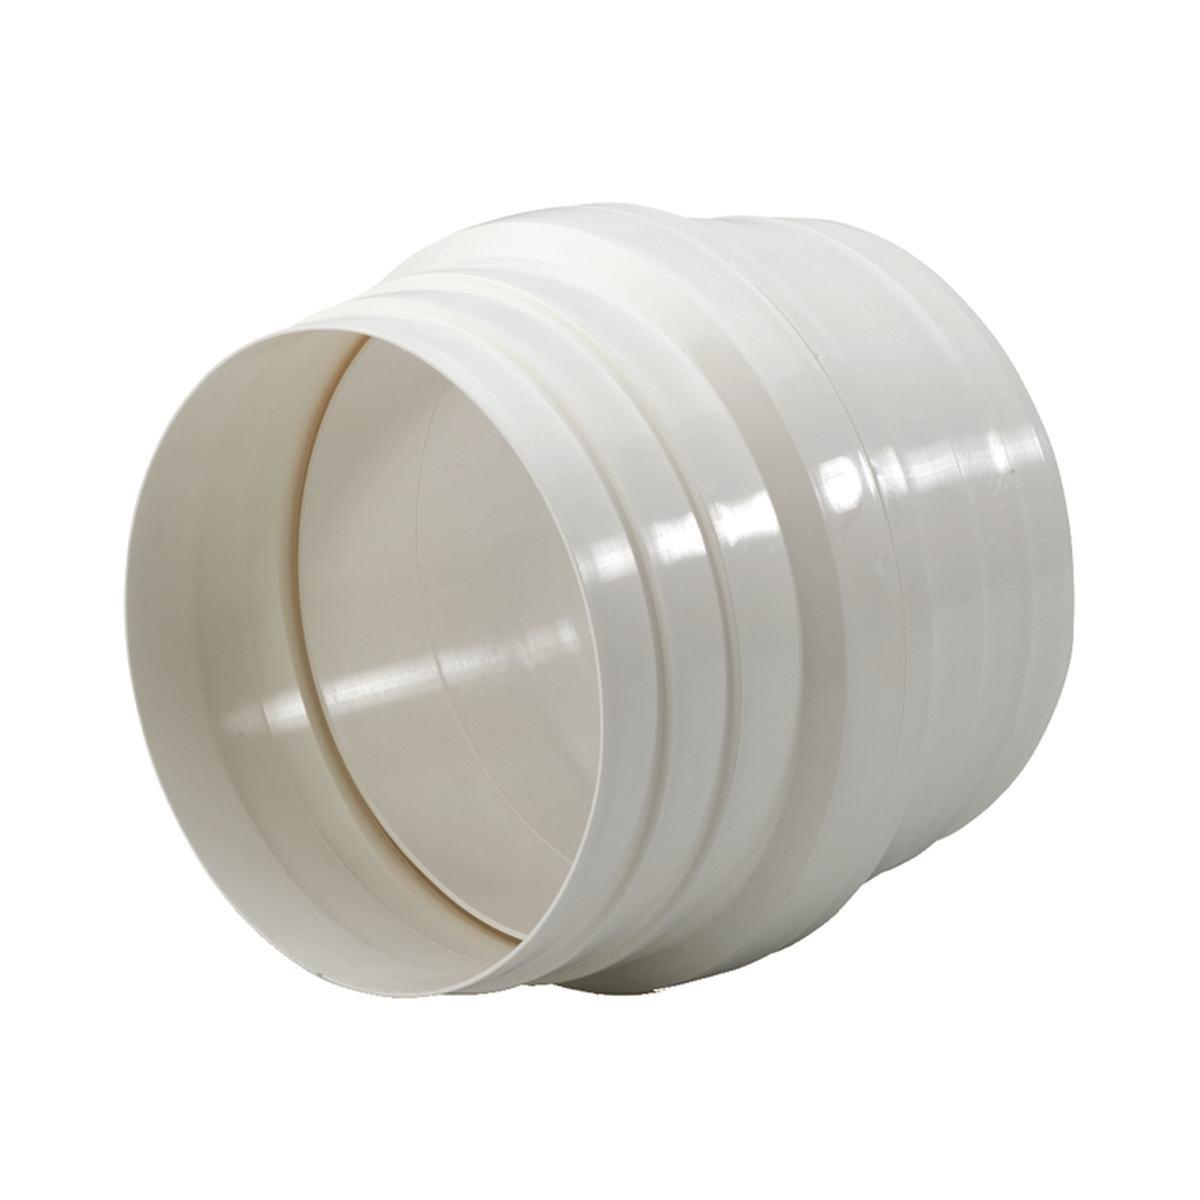 Vandlås / kondensfælde Ø150 mm.